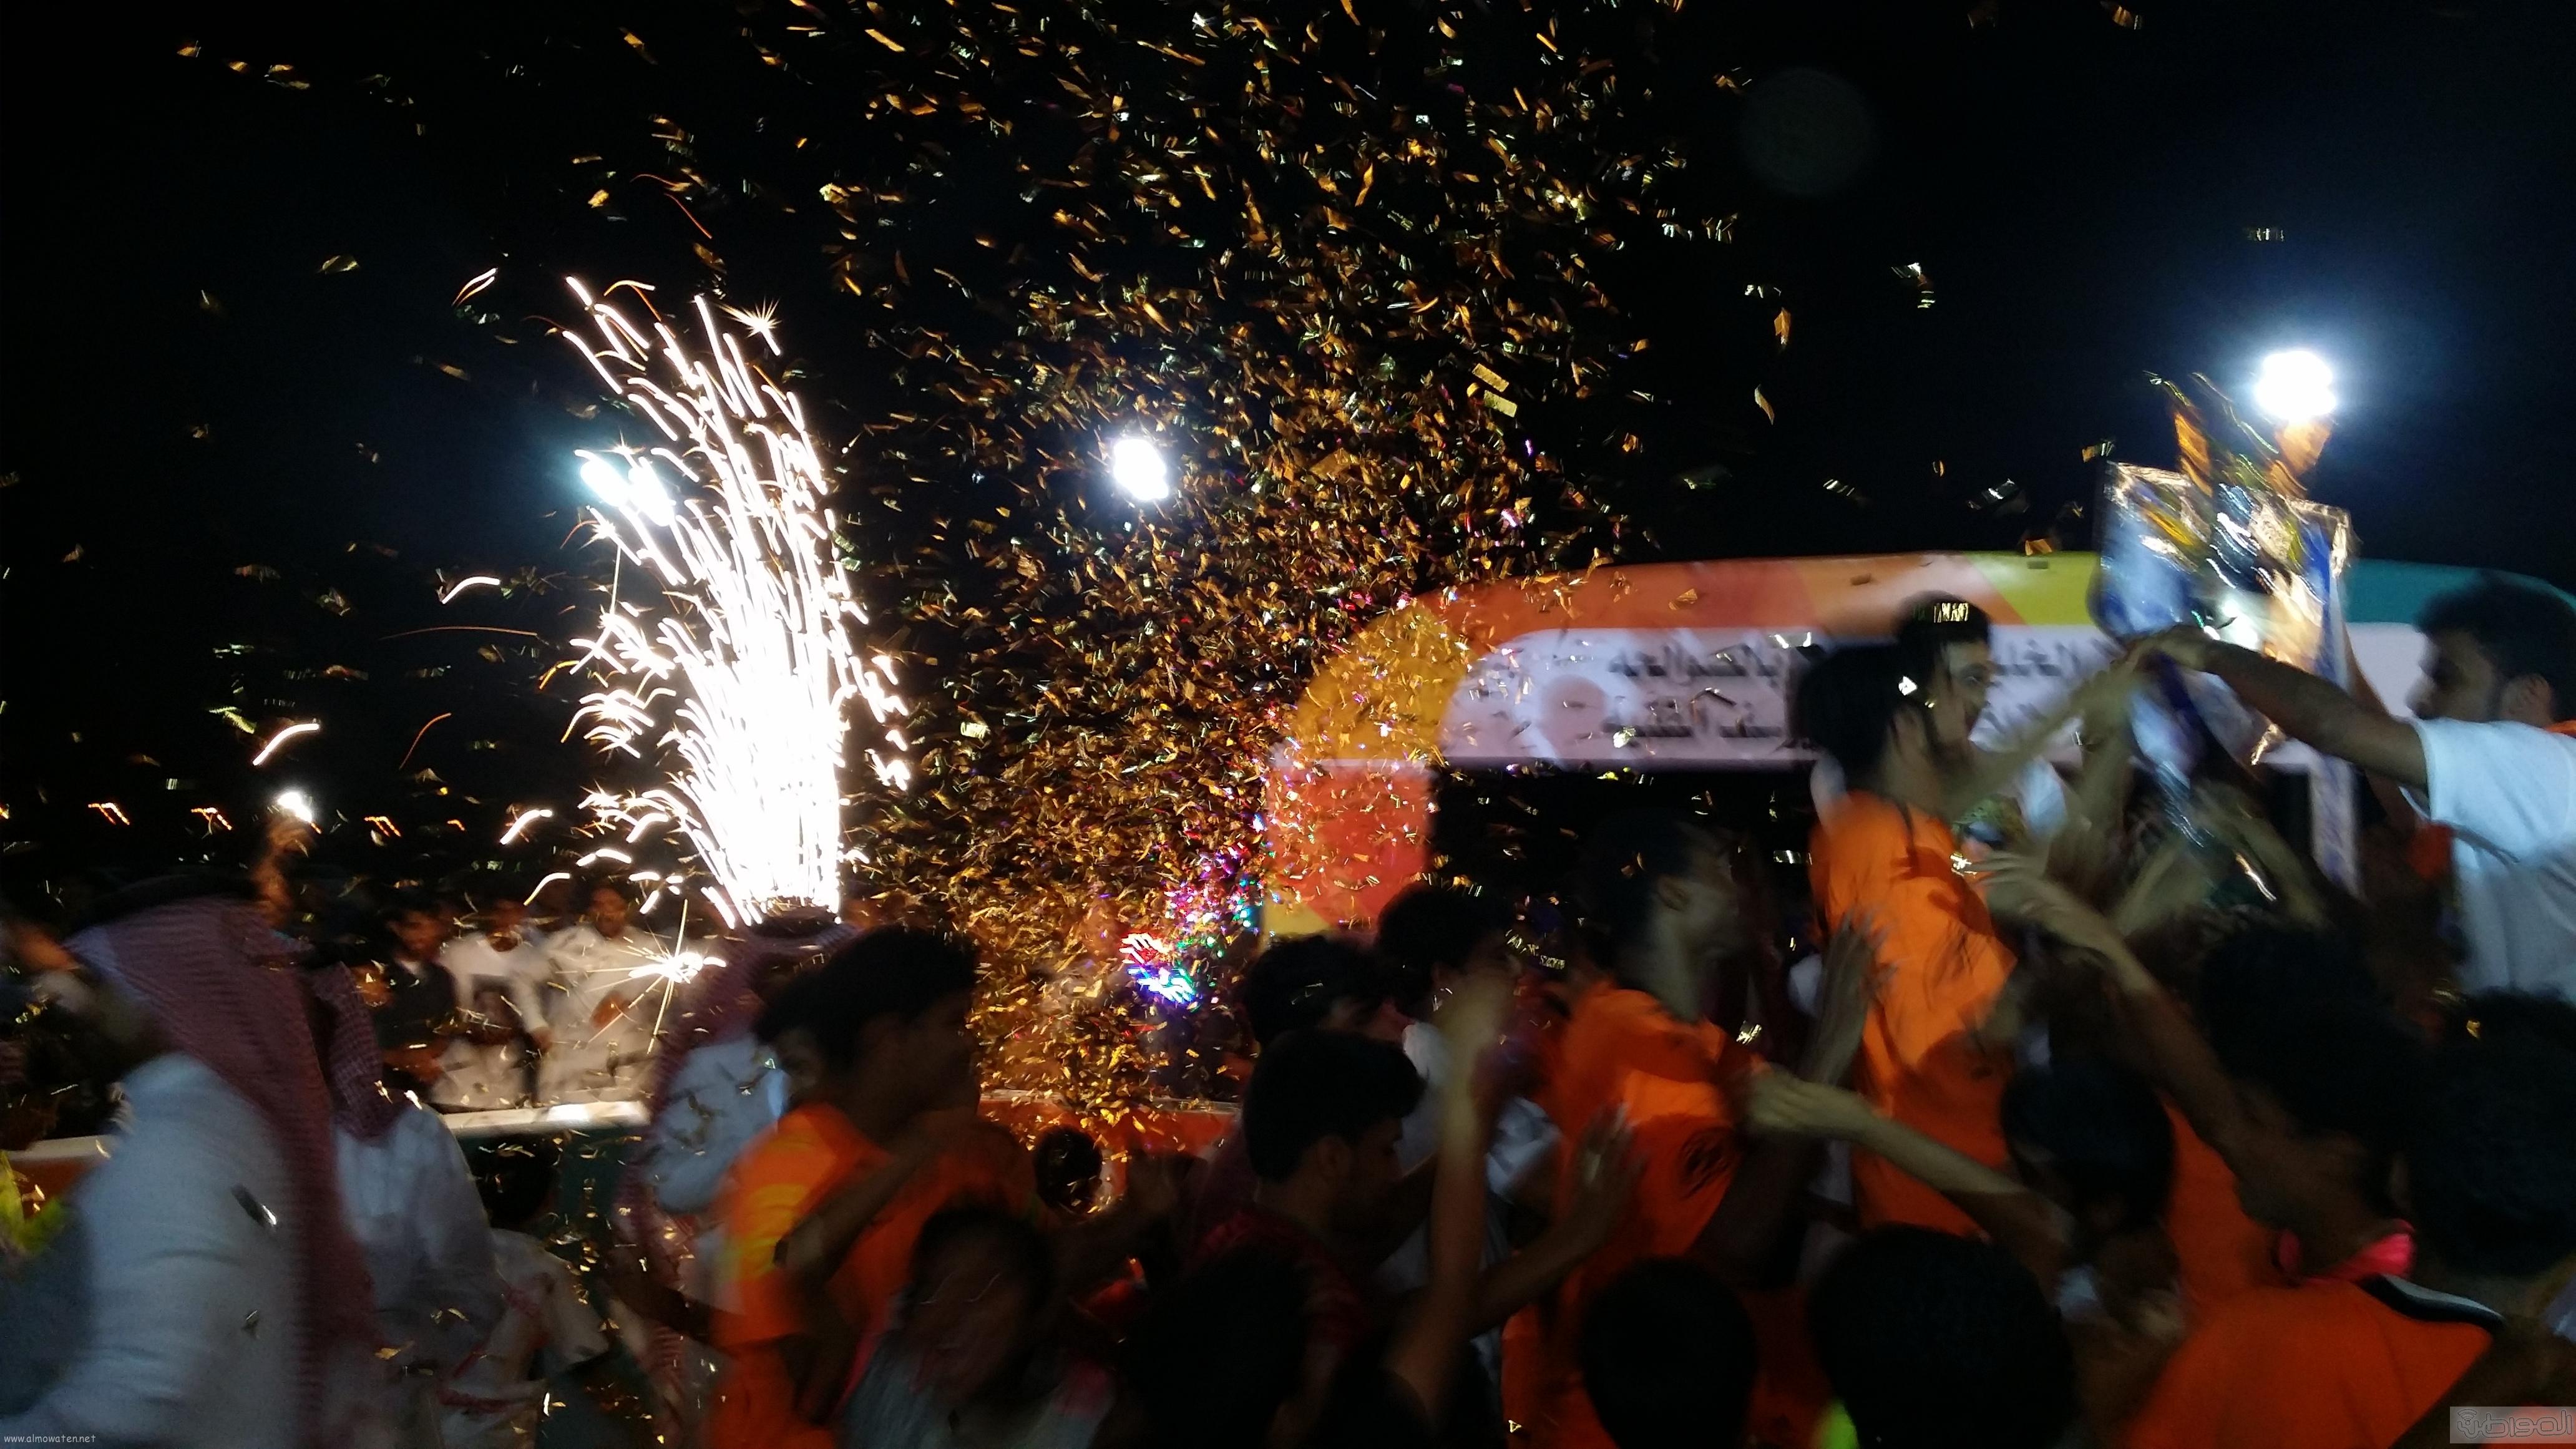 ساحل عسير السحاب يتوّج بطل لدورة الخليج الخامسة (5)